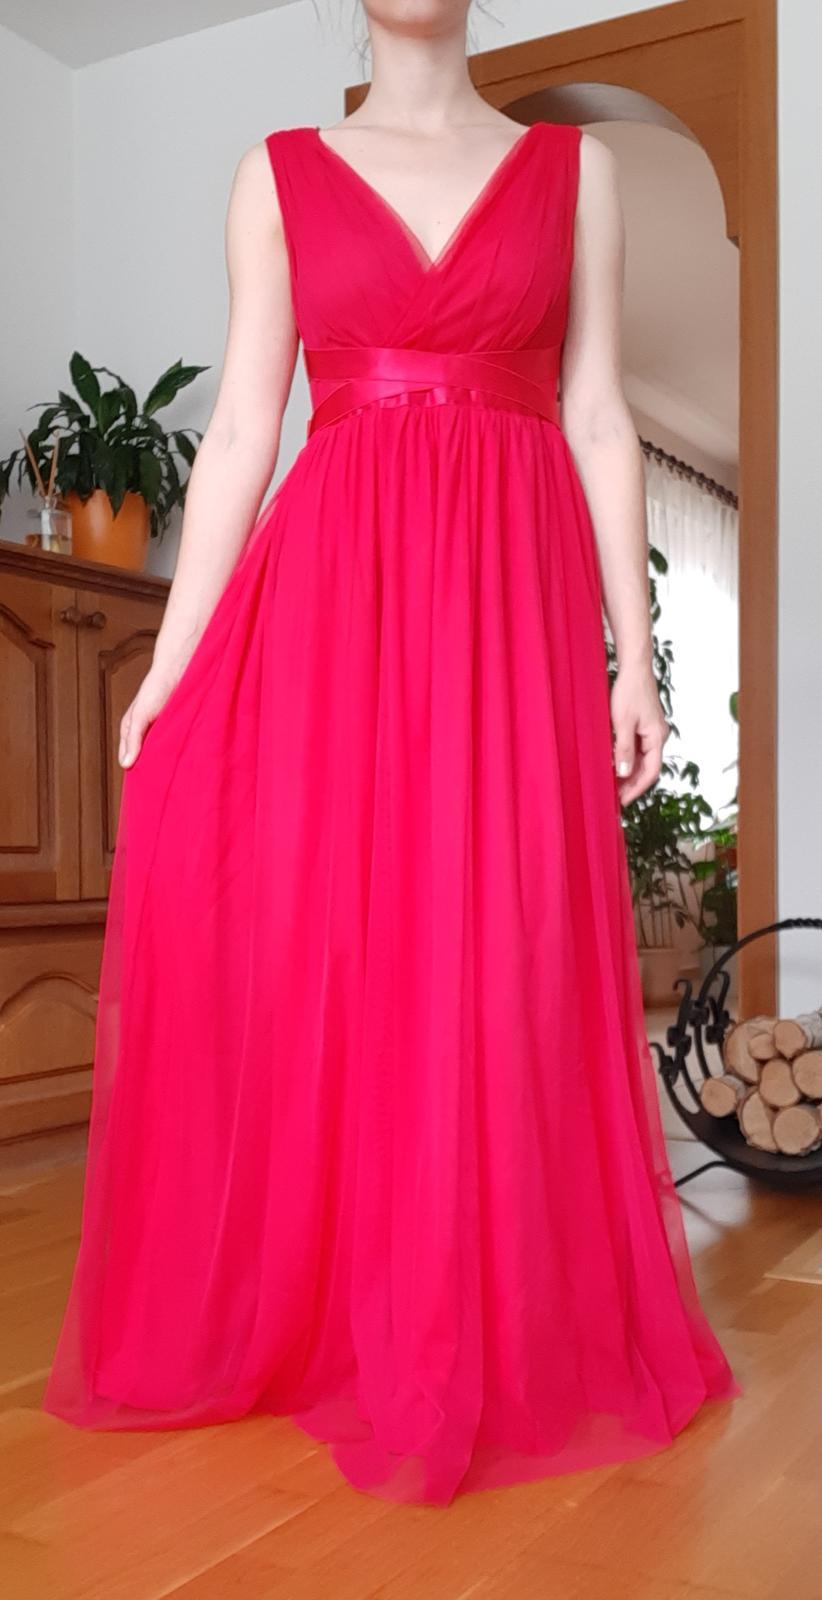 Ružové spoločenské šaty, veľ. 34 - Obrázok č. 1